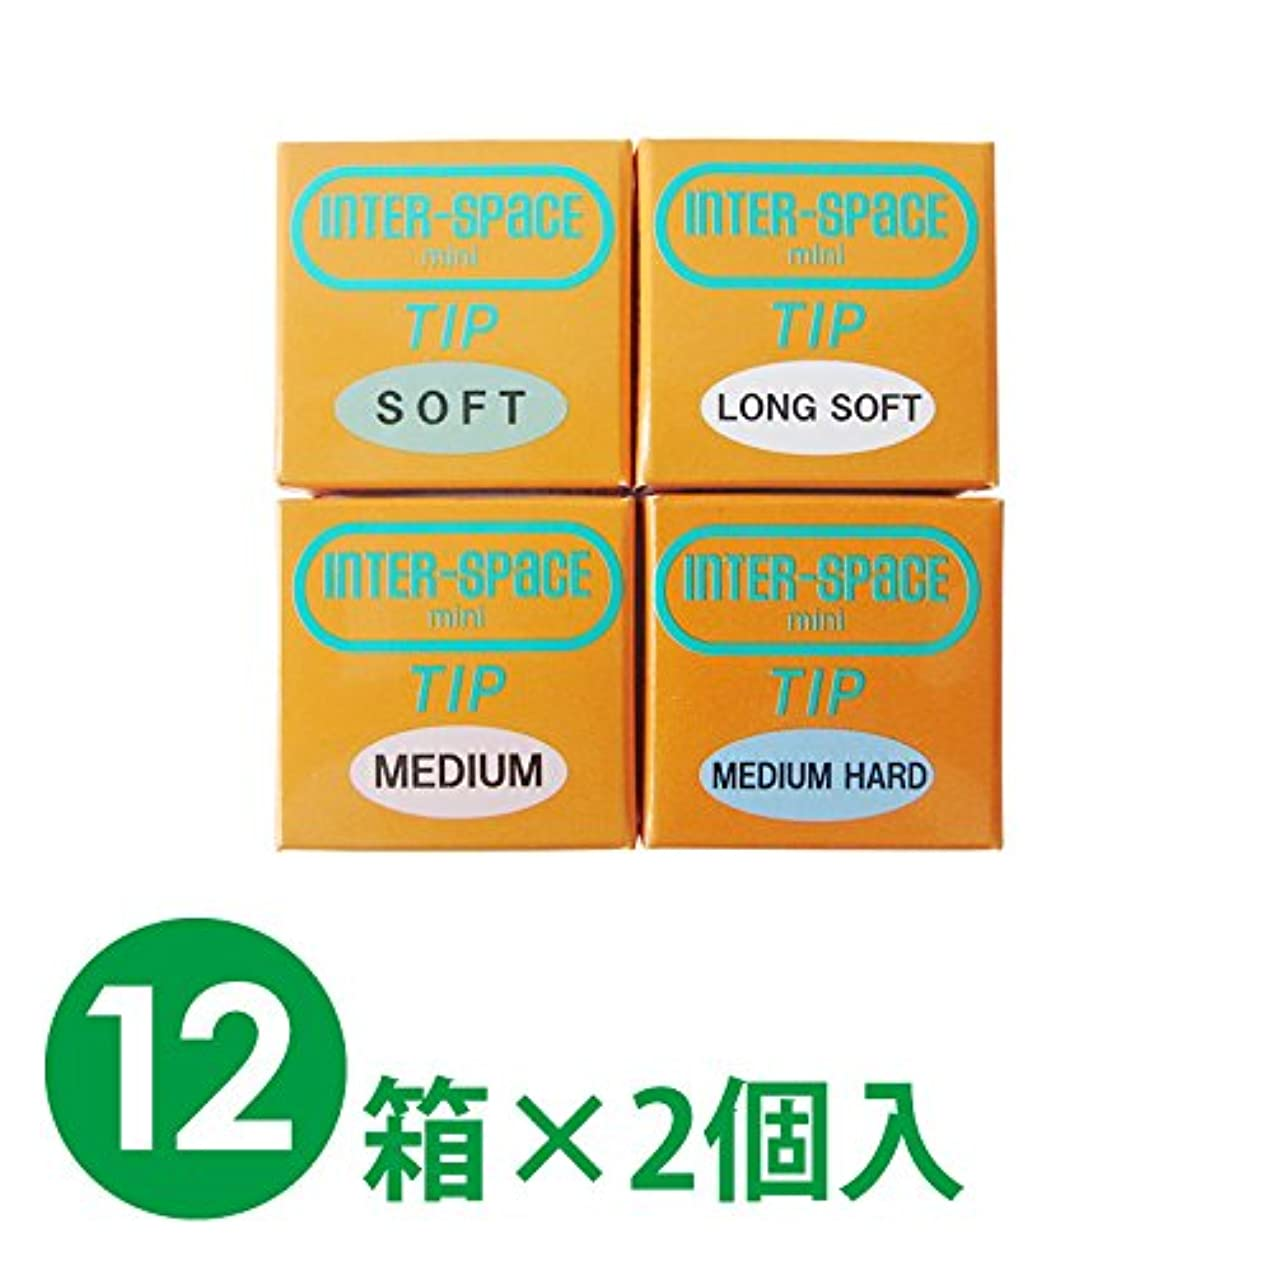 木ミルク腸【12箱1セット】モリムラ インタースペース?ミニ 替えチップ 12箱×2個入 (S(ソフト))